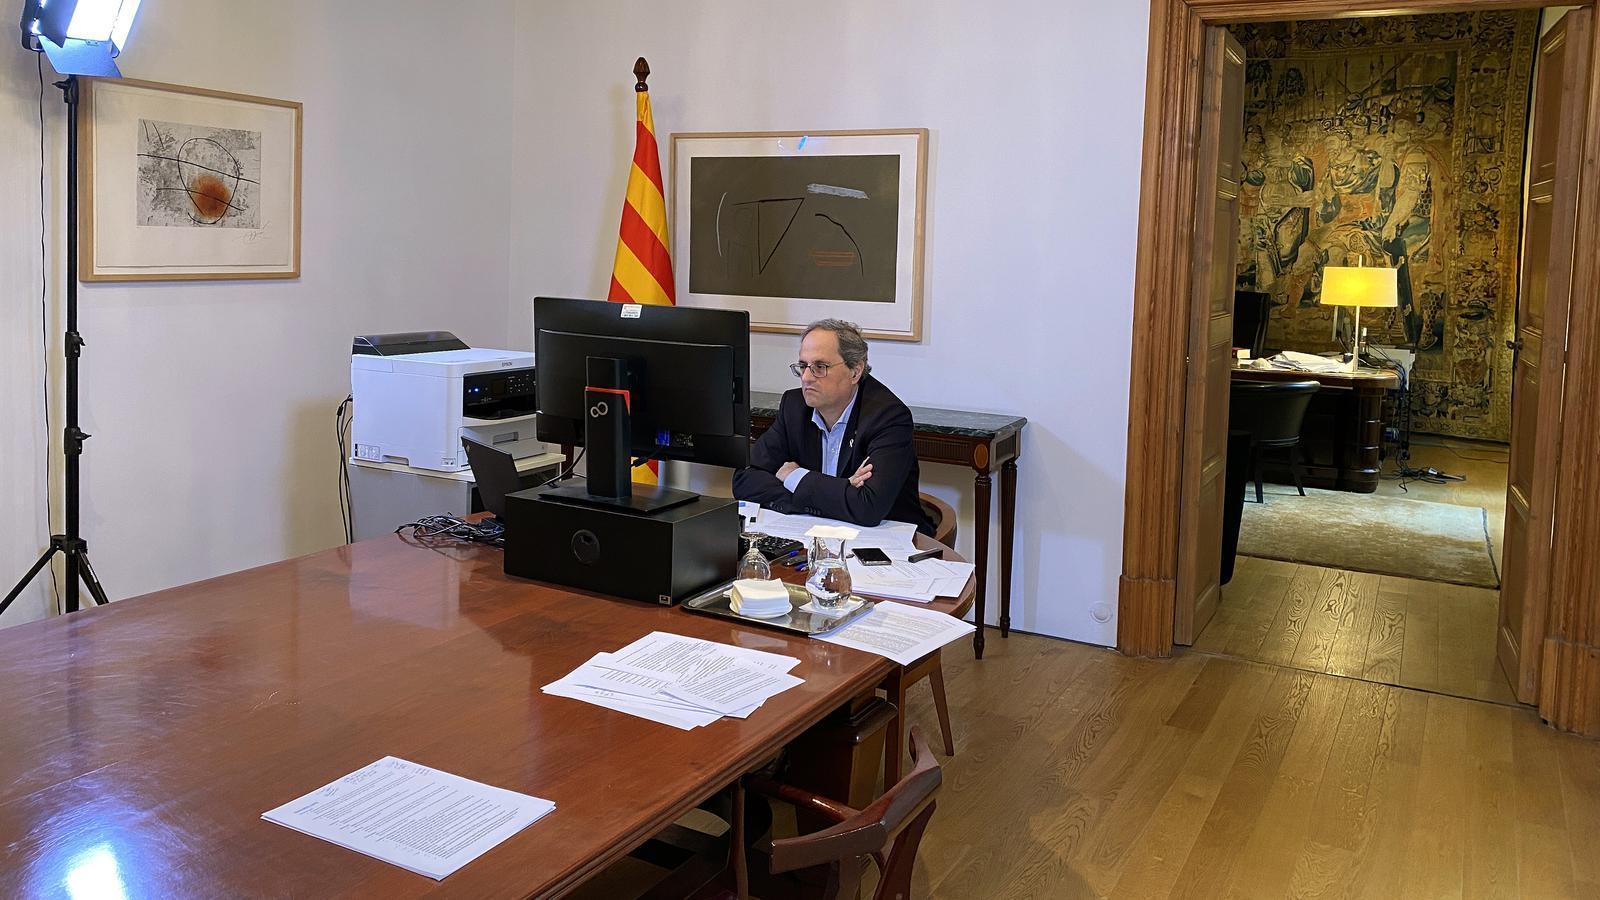 Imatge d'arxiu del president Torra confinat a la Casa dels Canonges